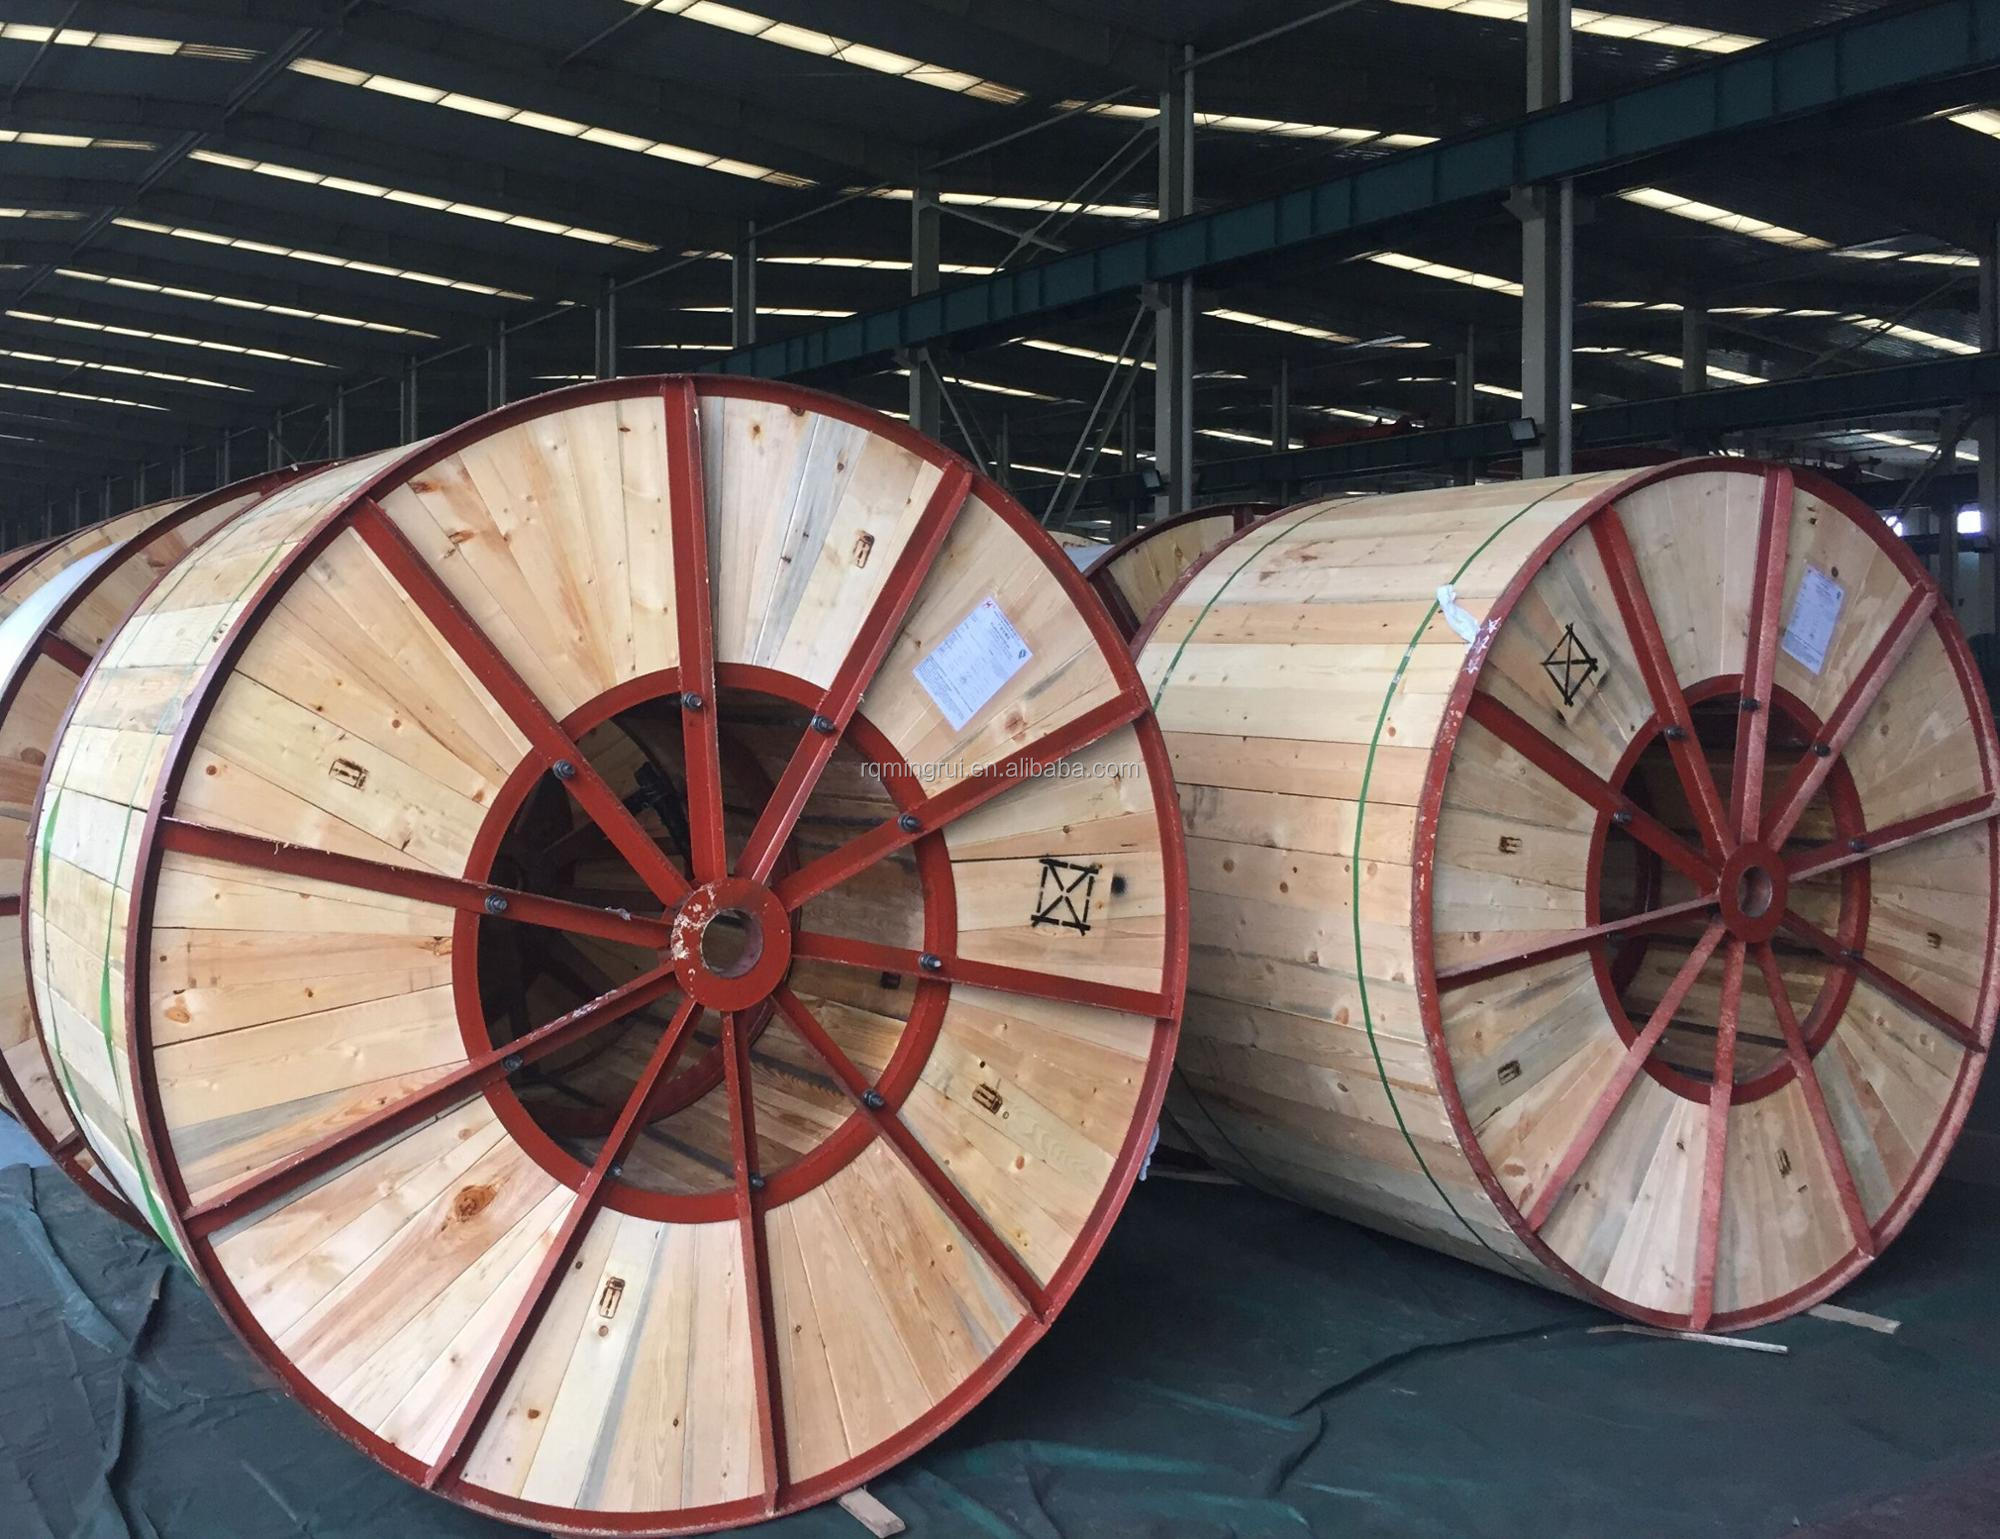 деревянные барабаны для кабеля картинки что